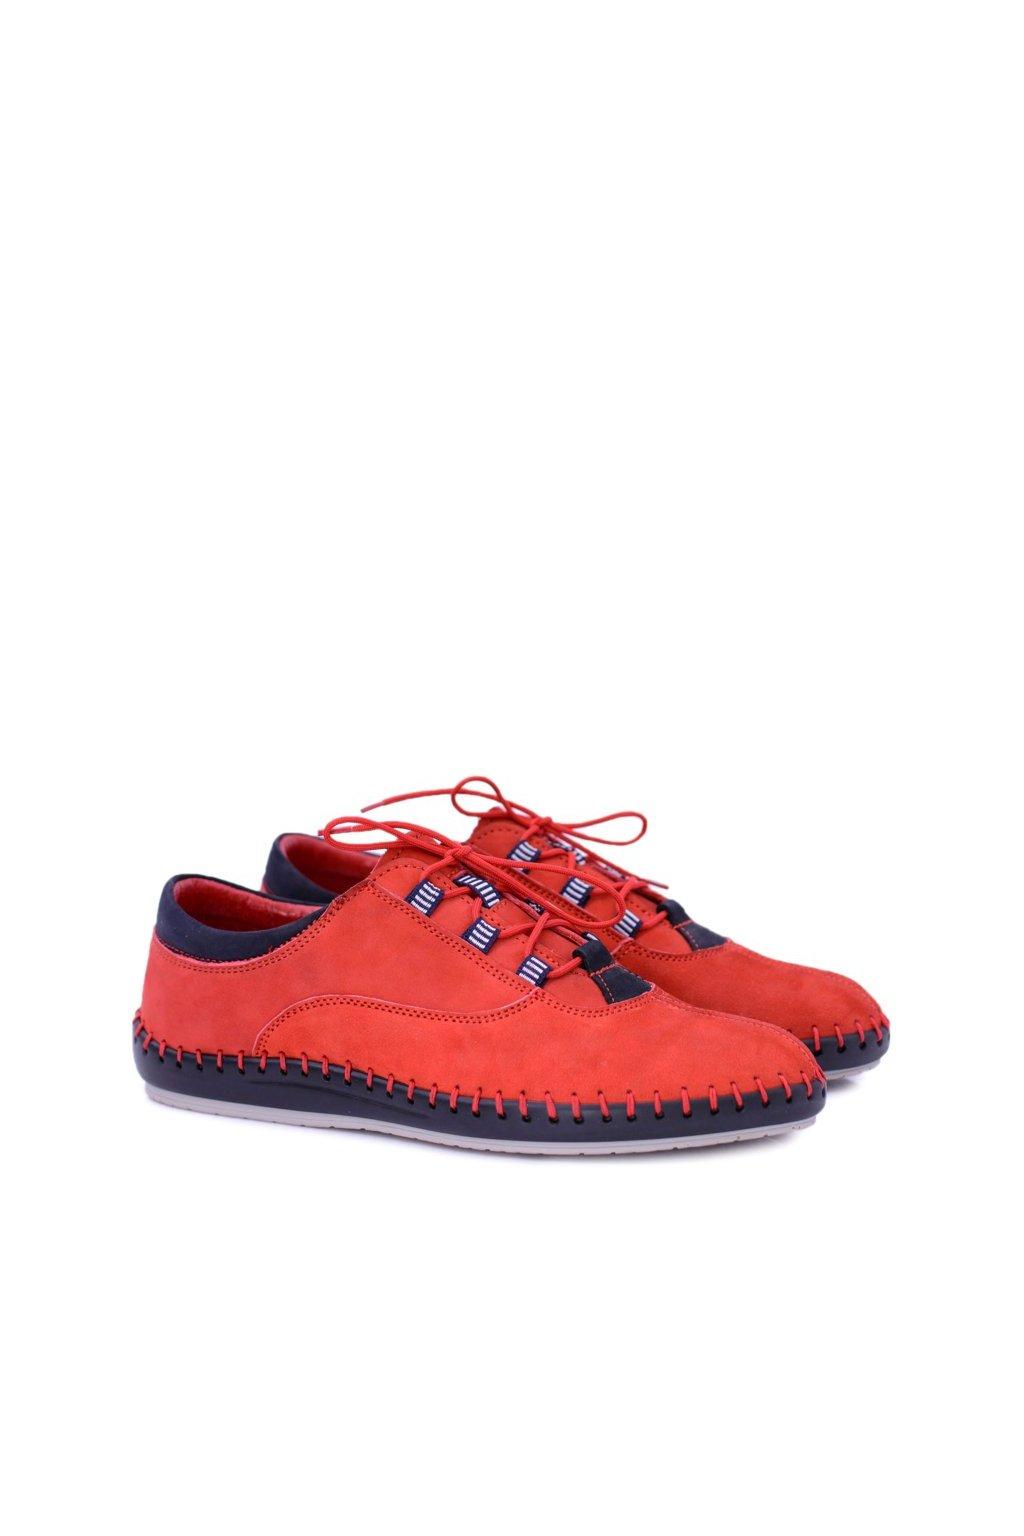 Pánske kožené bežné červené topánky Bill